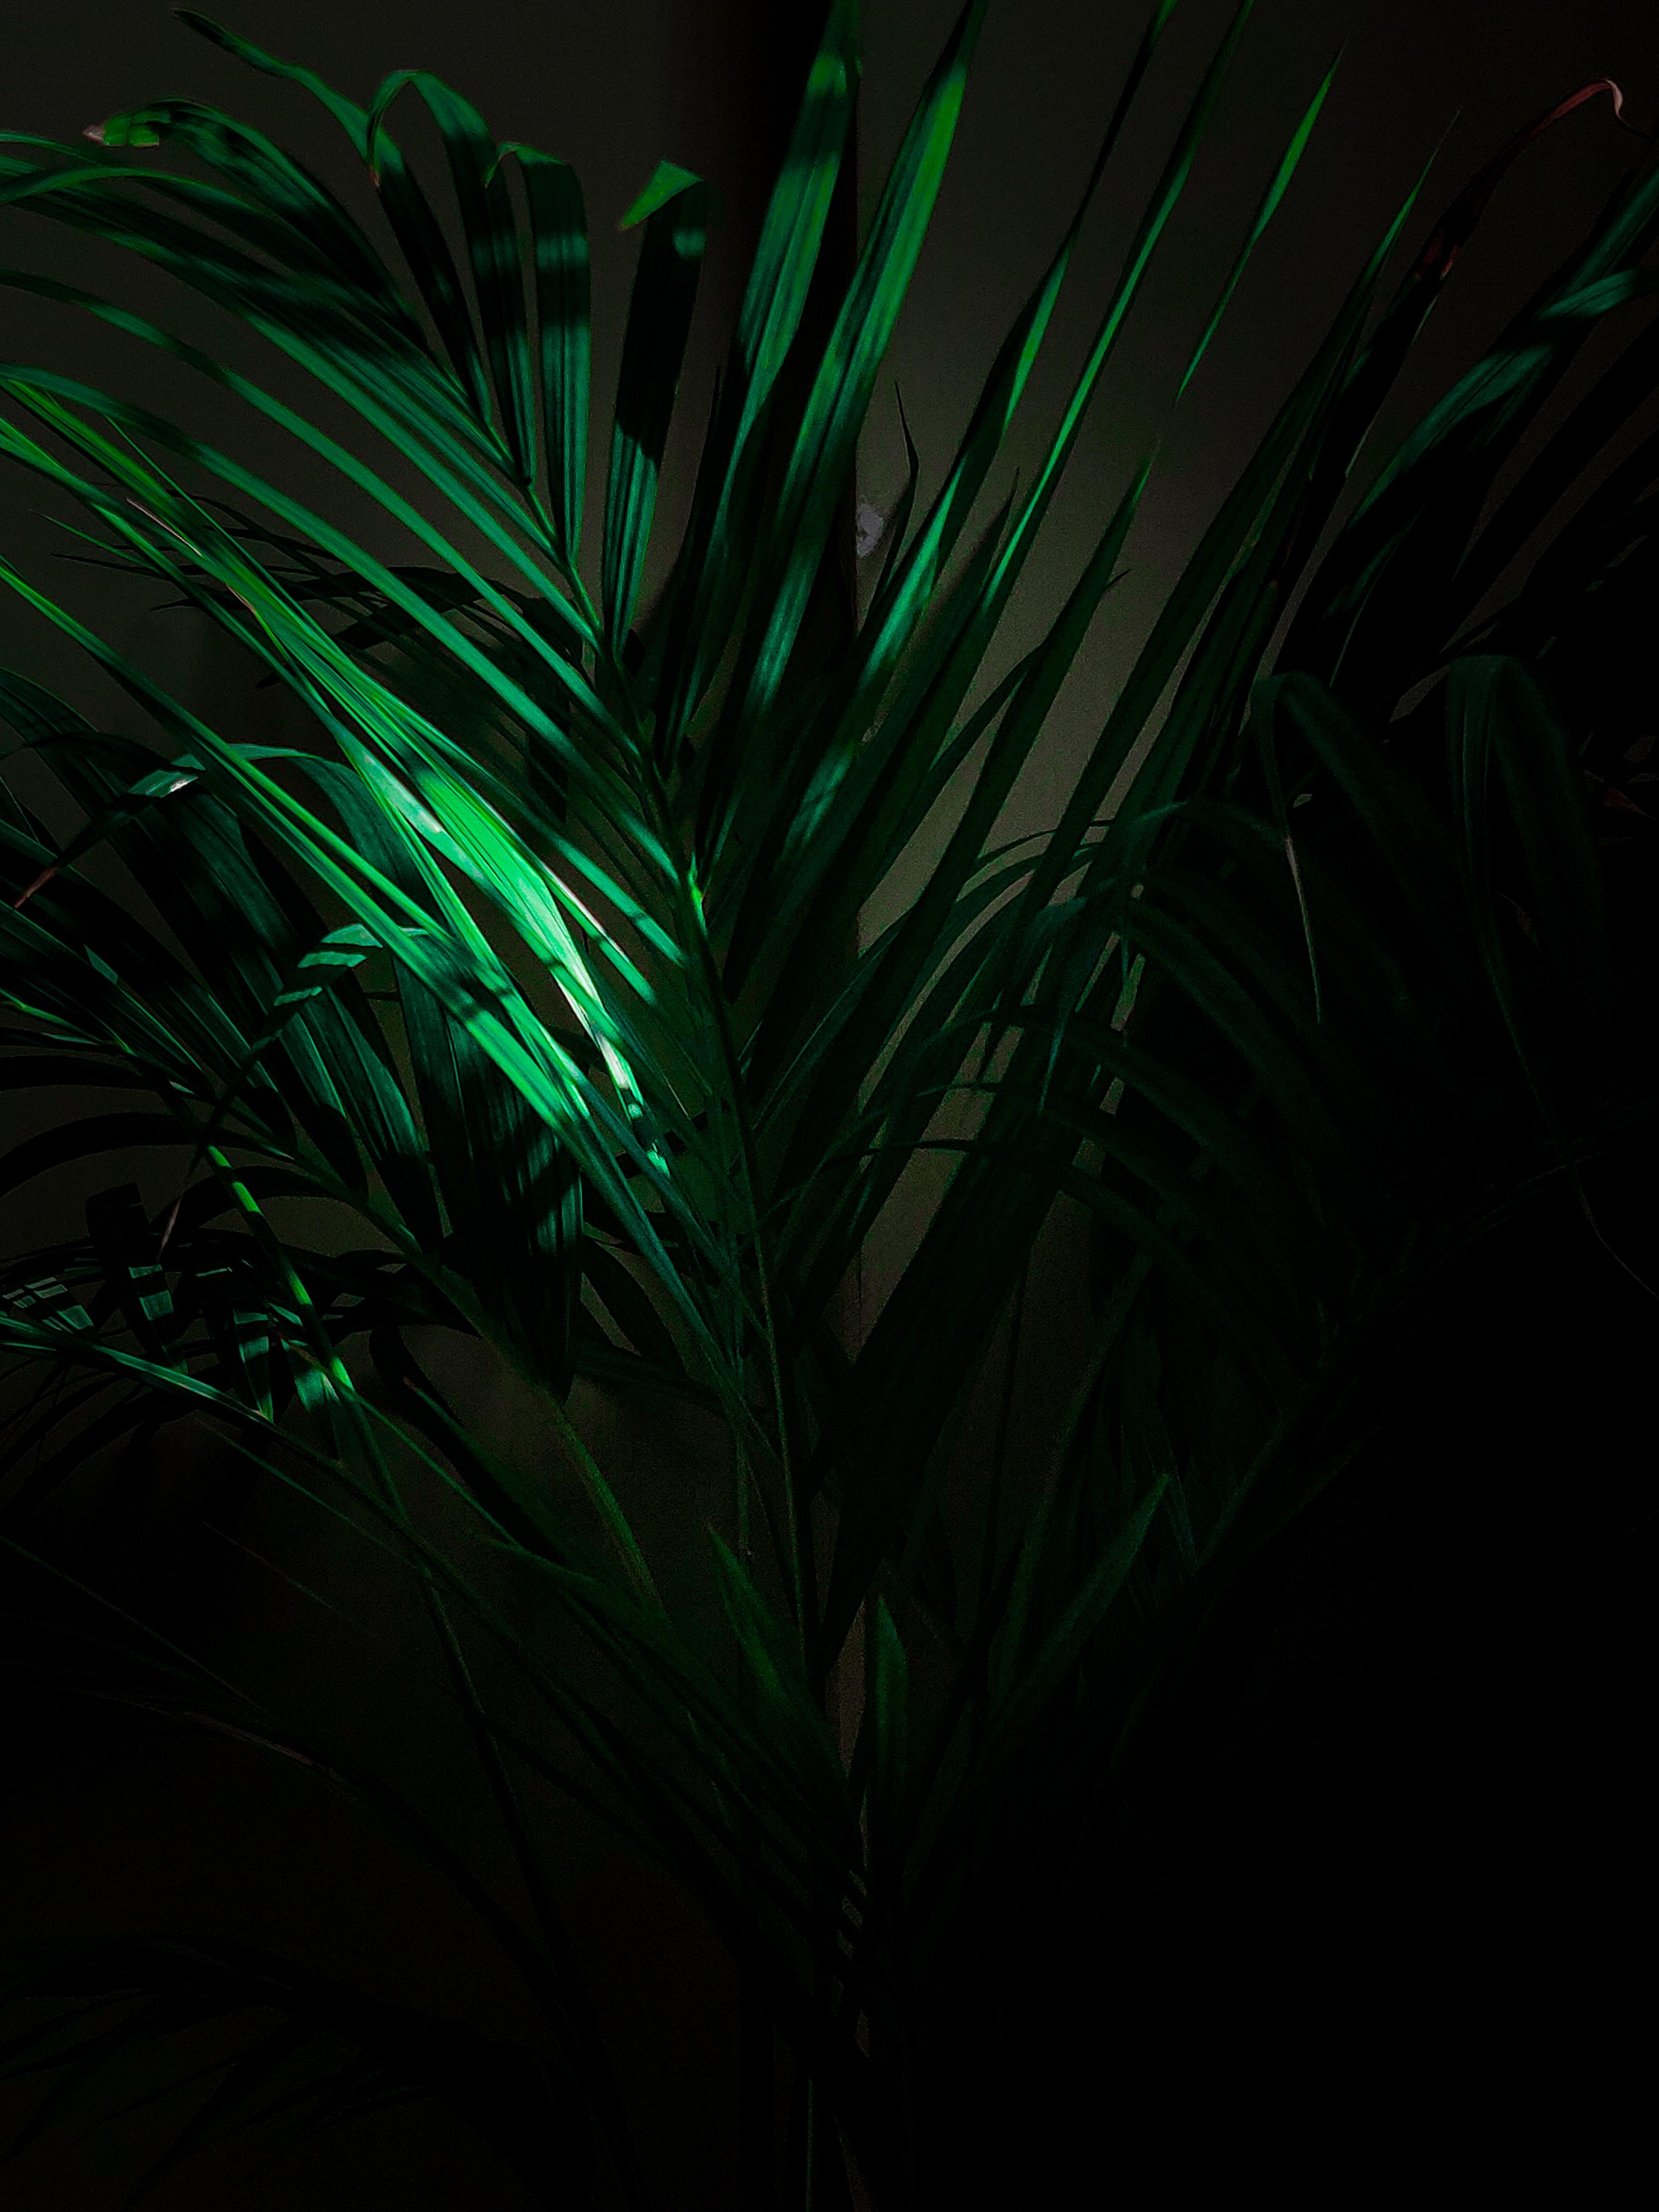 151269 скачать обои Разное, Растение, Листья, Ветки, Тропический - заставки и картинки бесплатно